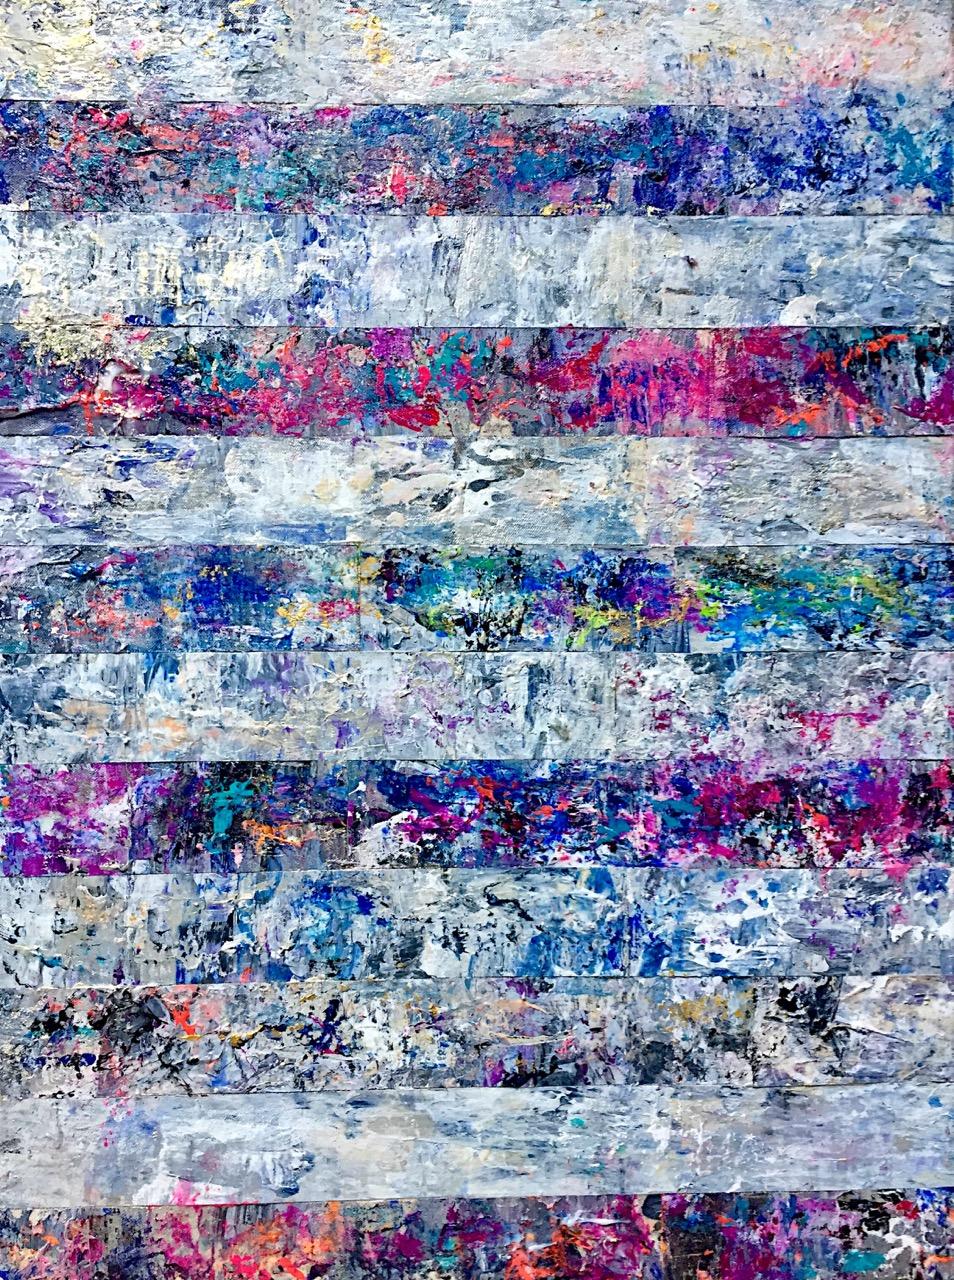 """Gaia •18 x 24"""" •Acrylic on canvas"""